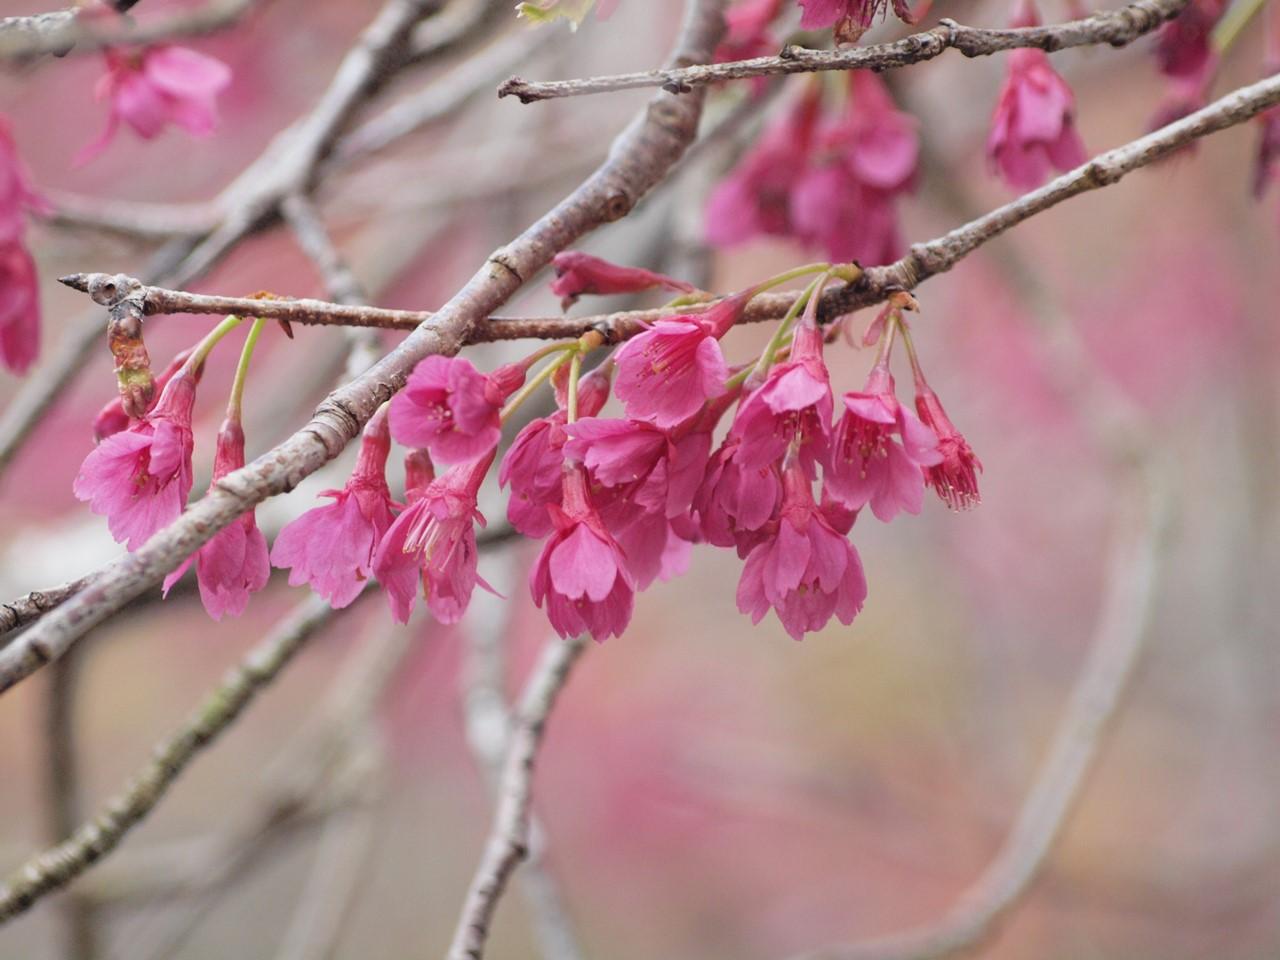 『寺尾ヶ原千本桜公園を歩いて』_d0054276_2115573.jpg